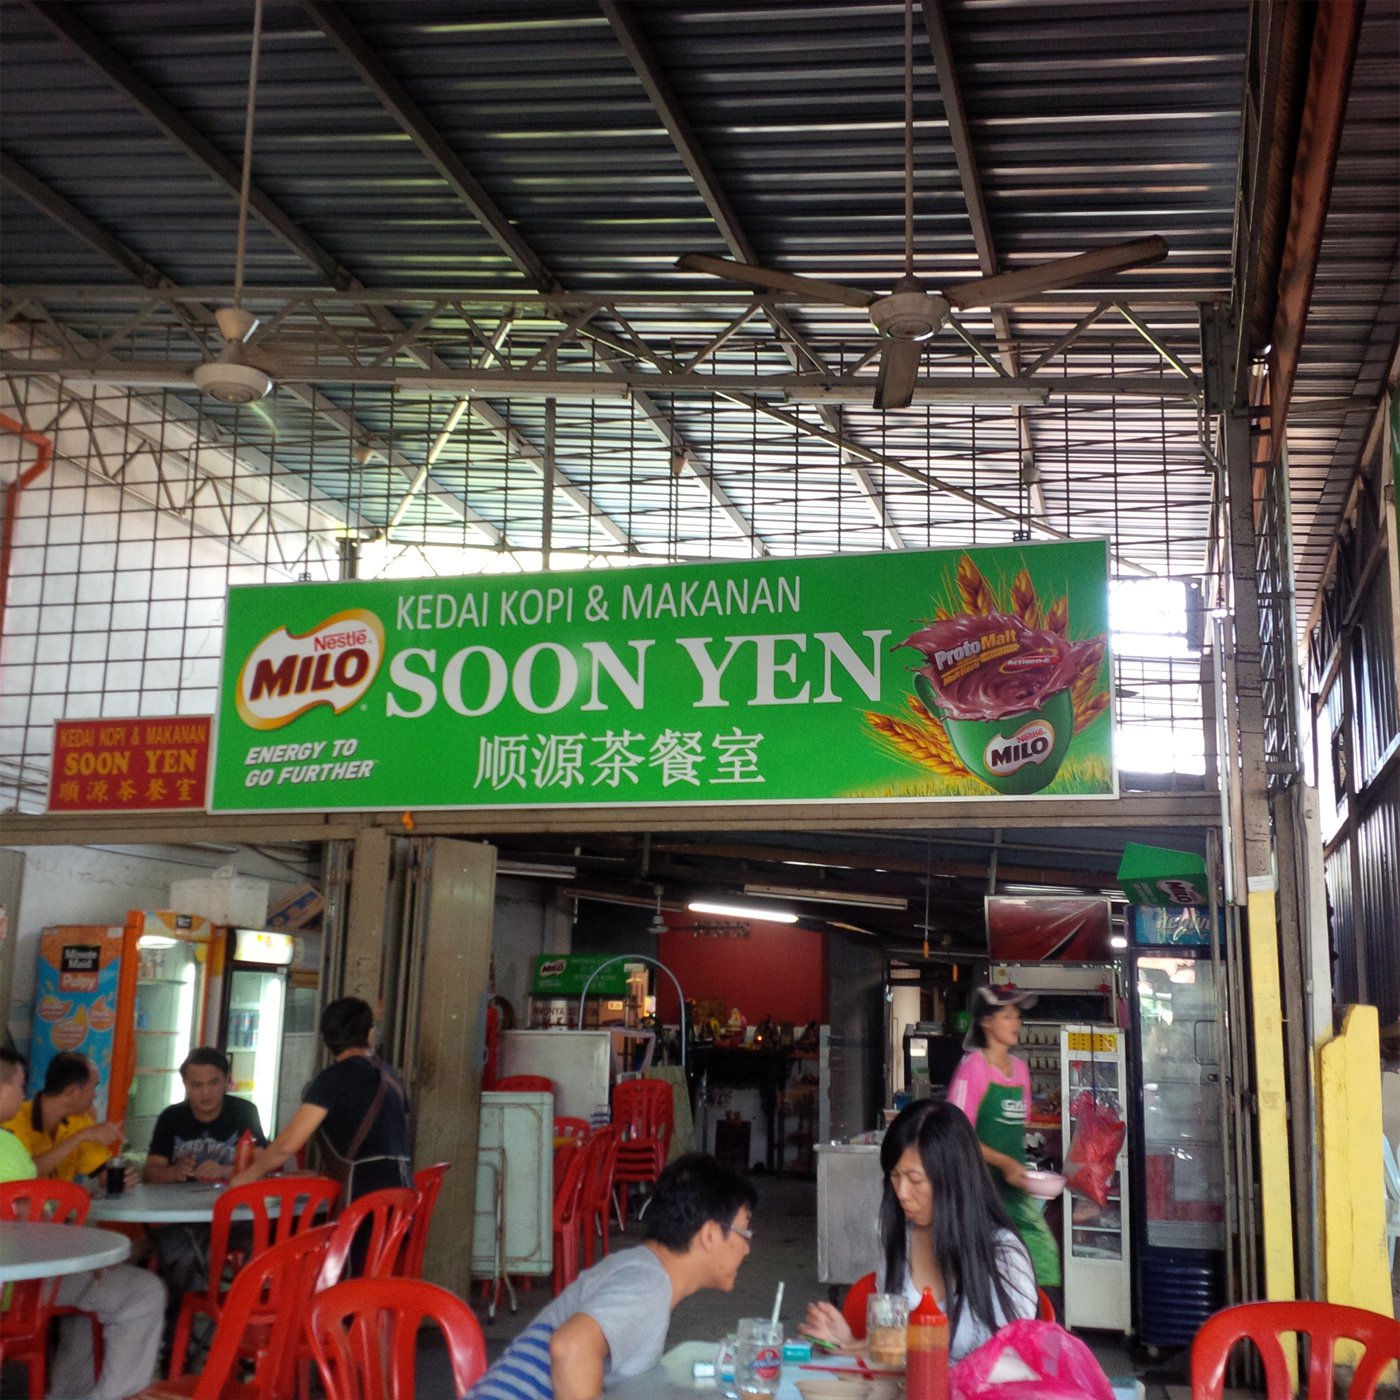 Kedai Kopi & Makanan Soon Yen